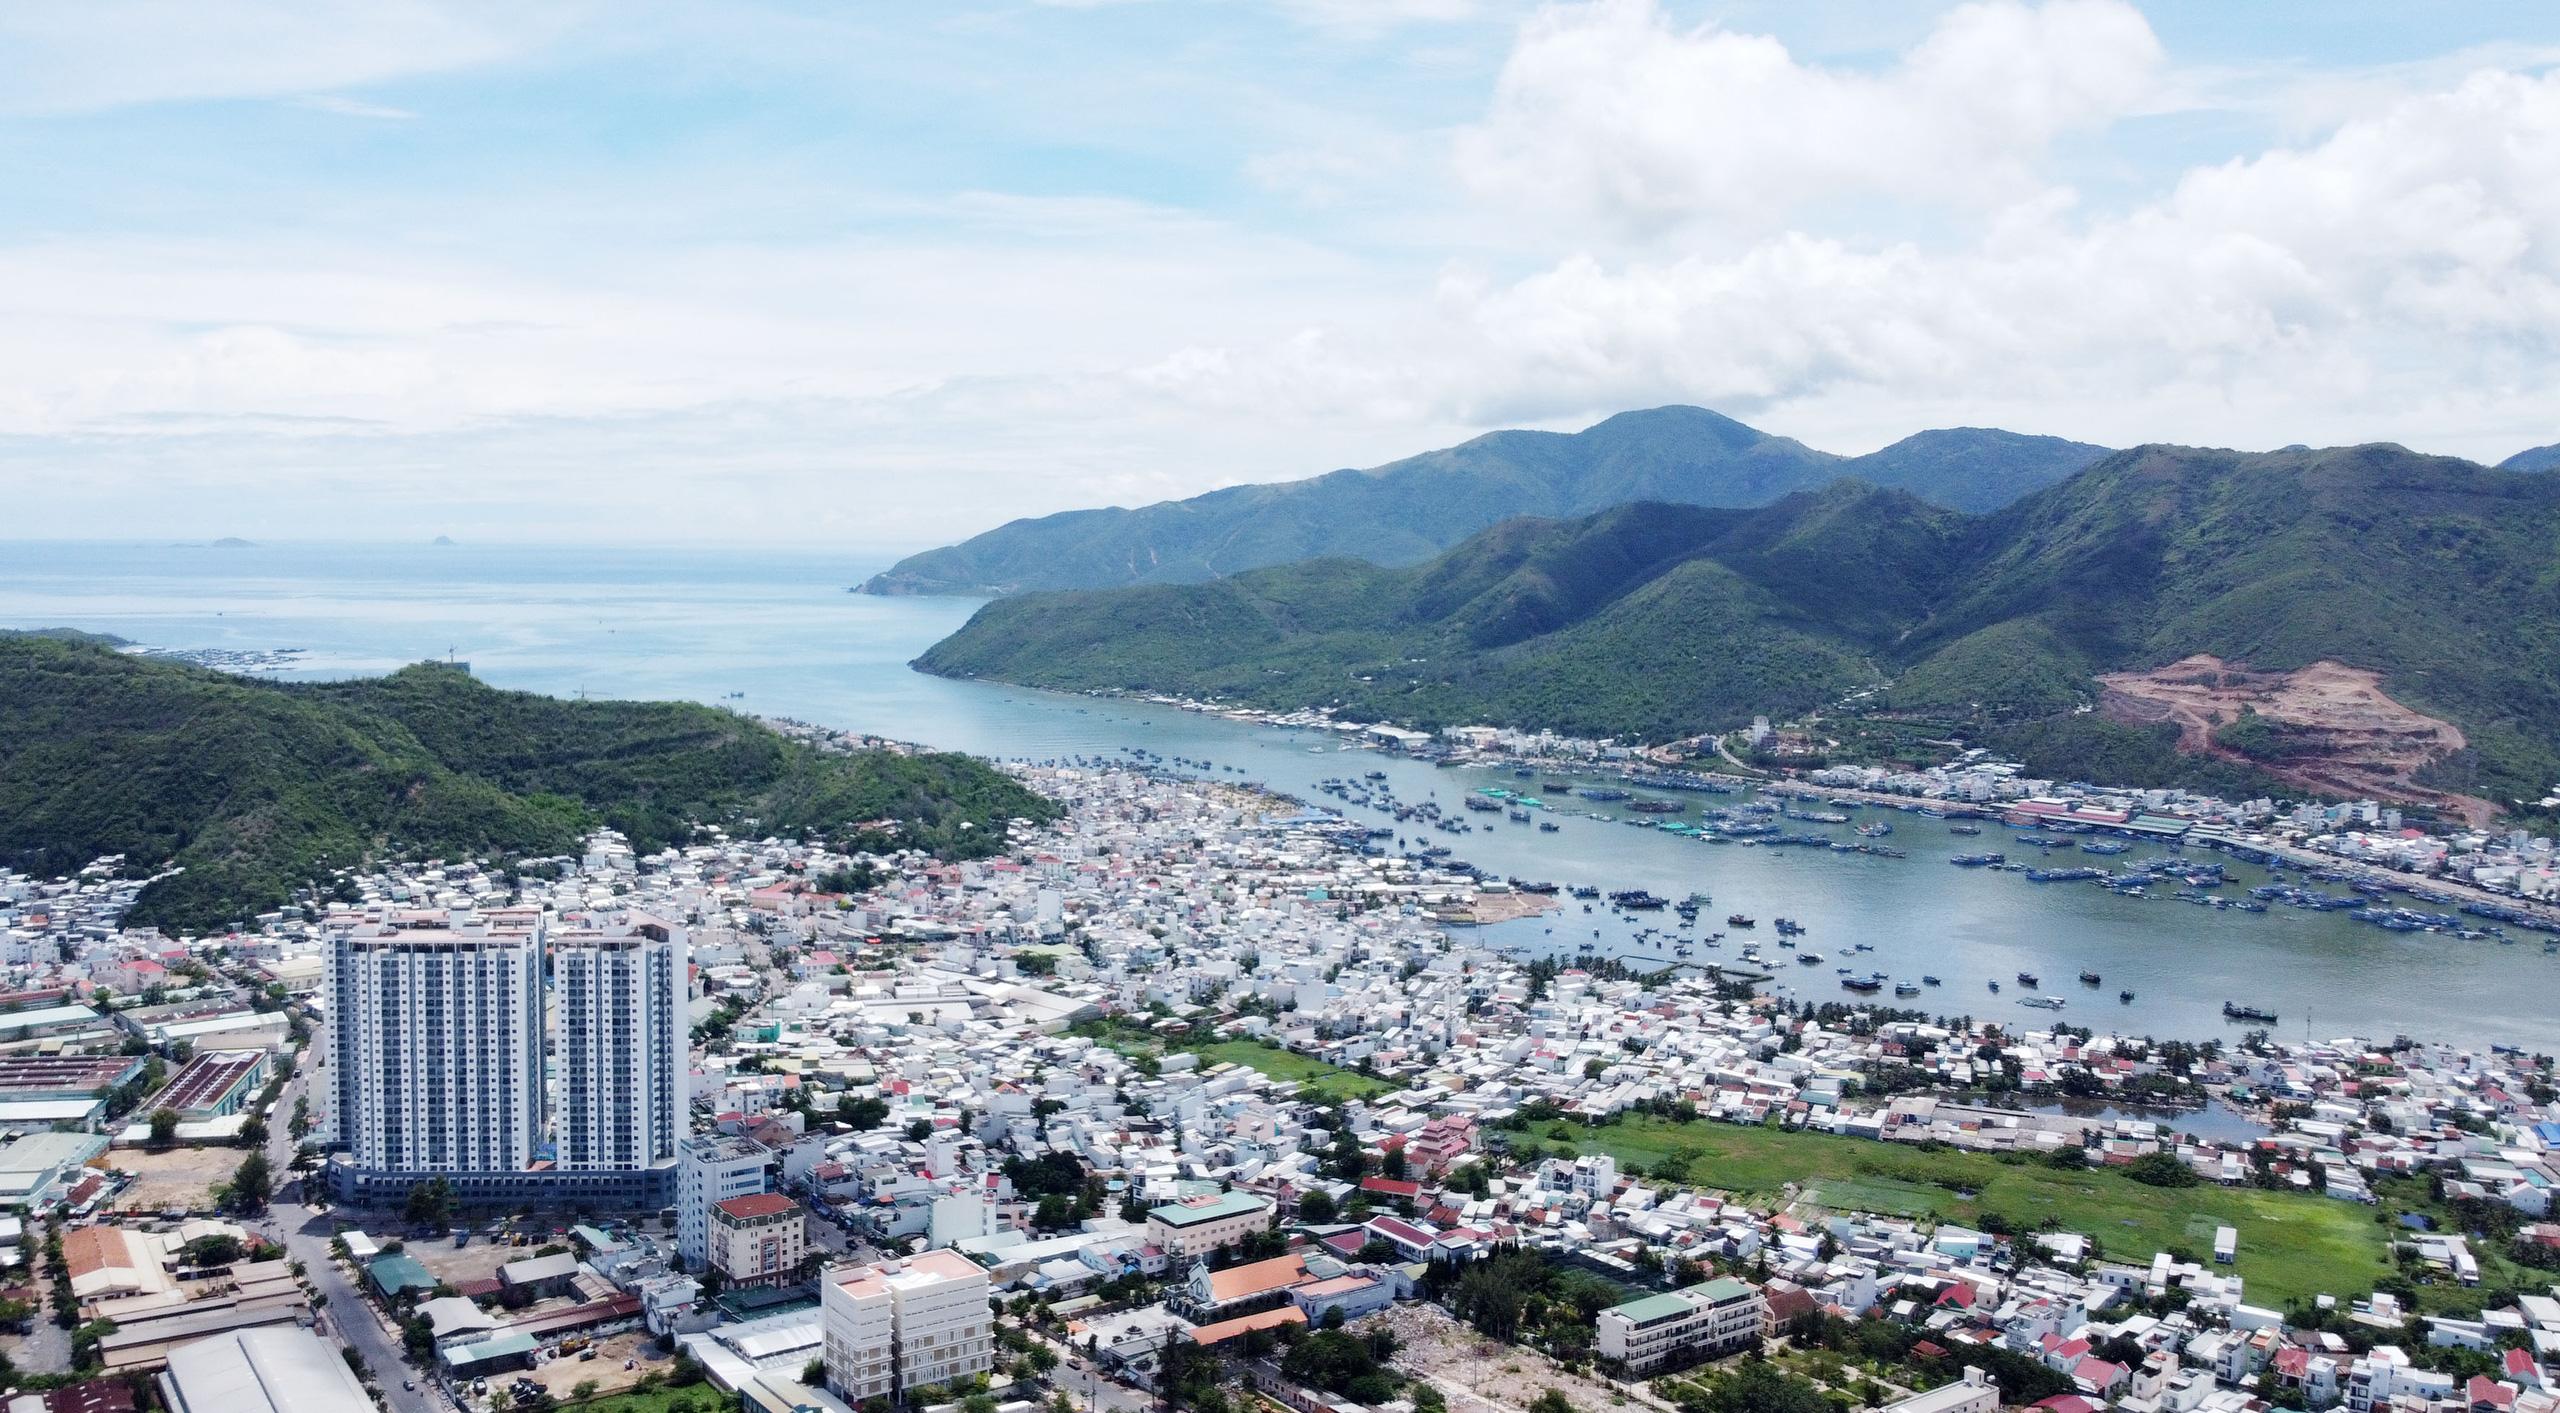 Vinpearl xin tài trợ không hoàn lại để xây dựng khu tái định cư rộng hơn 3,3 ha tại Nha Trang - Ảnh 1.